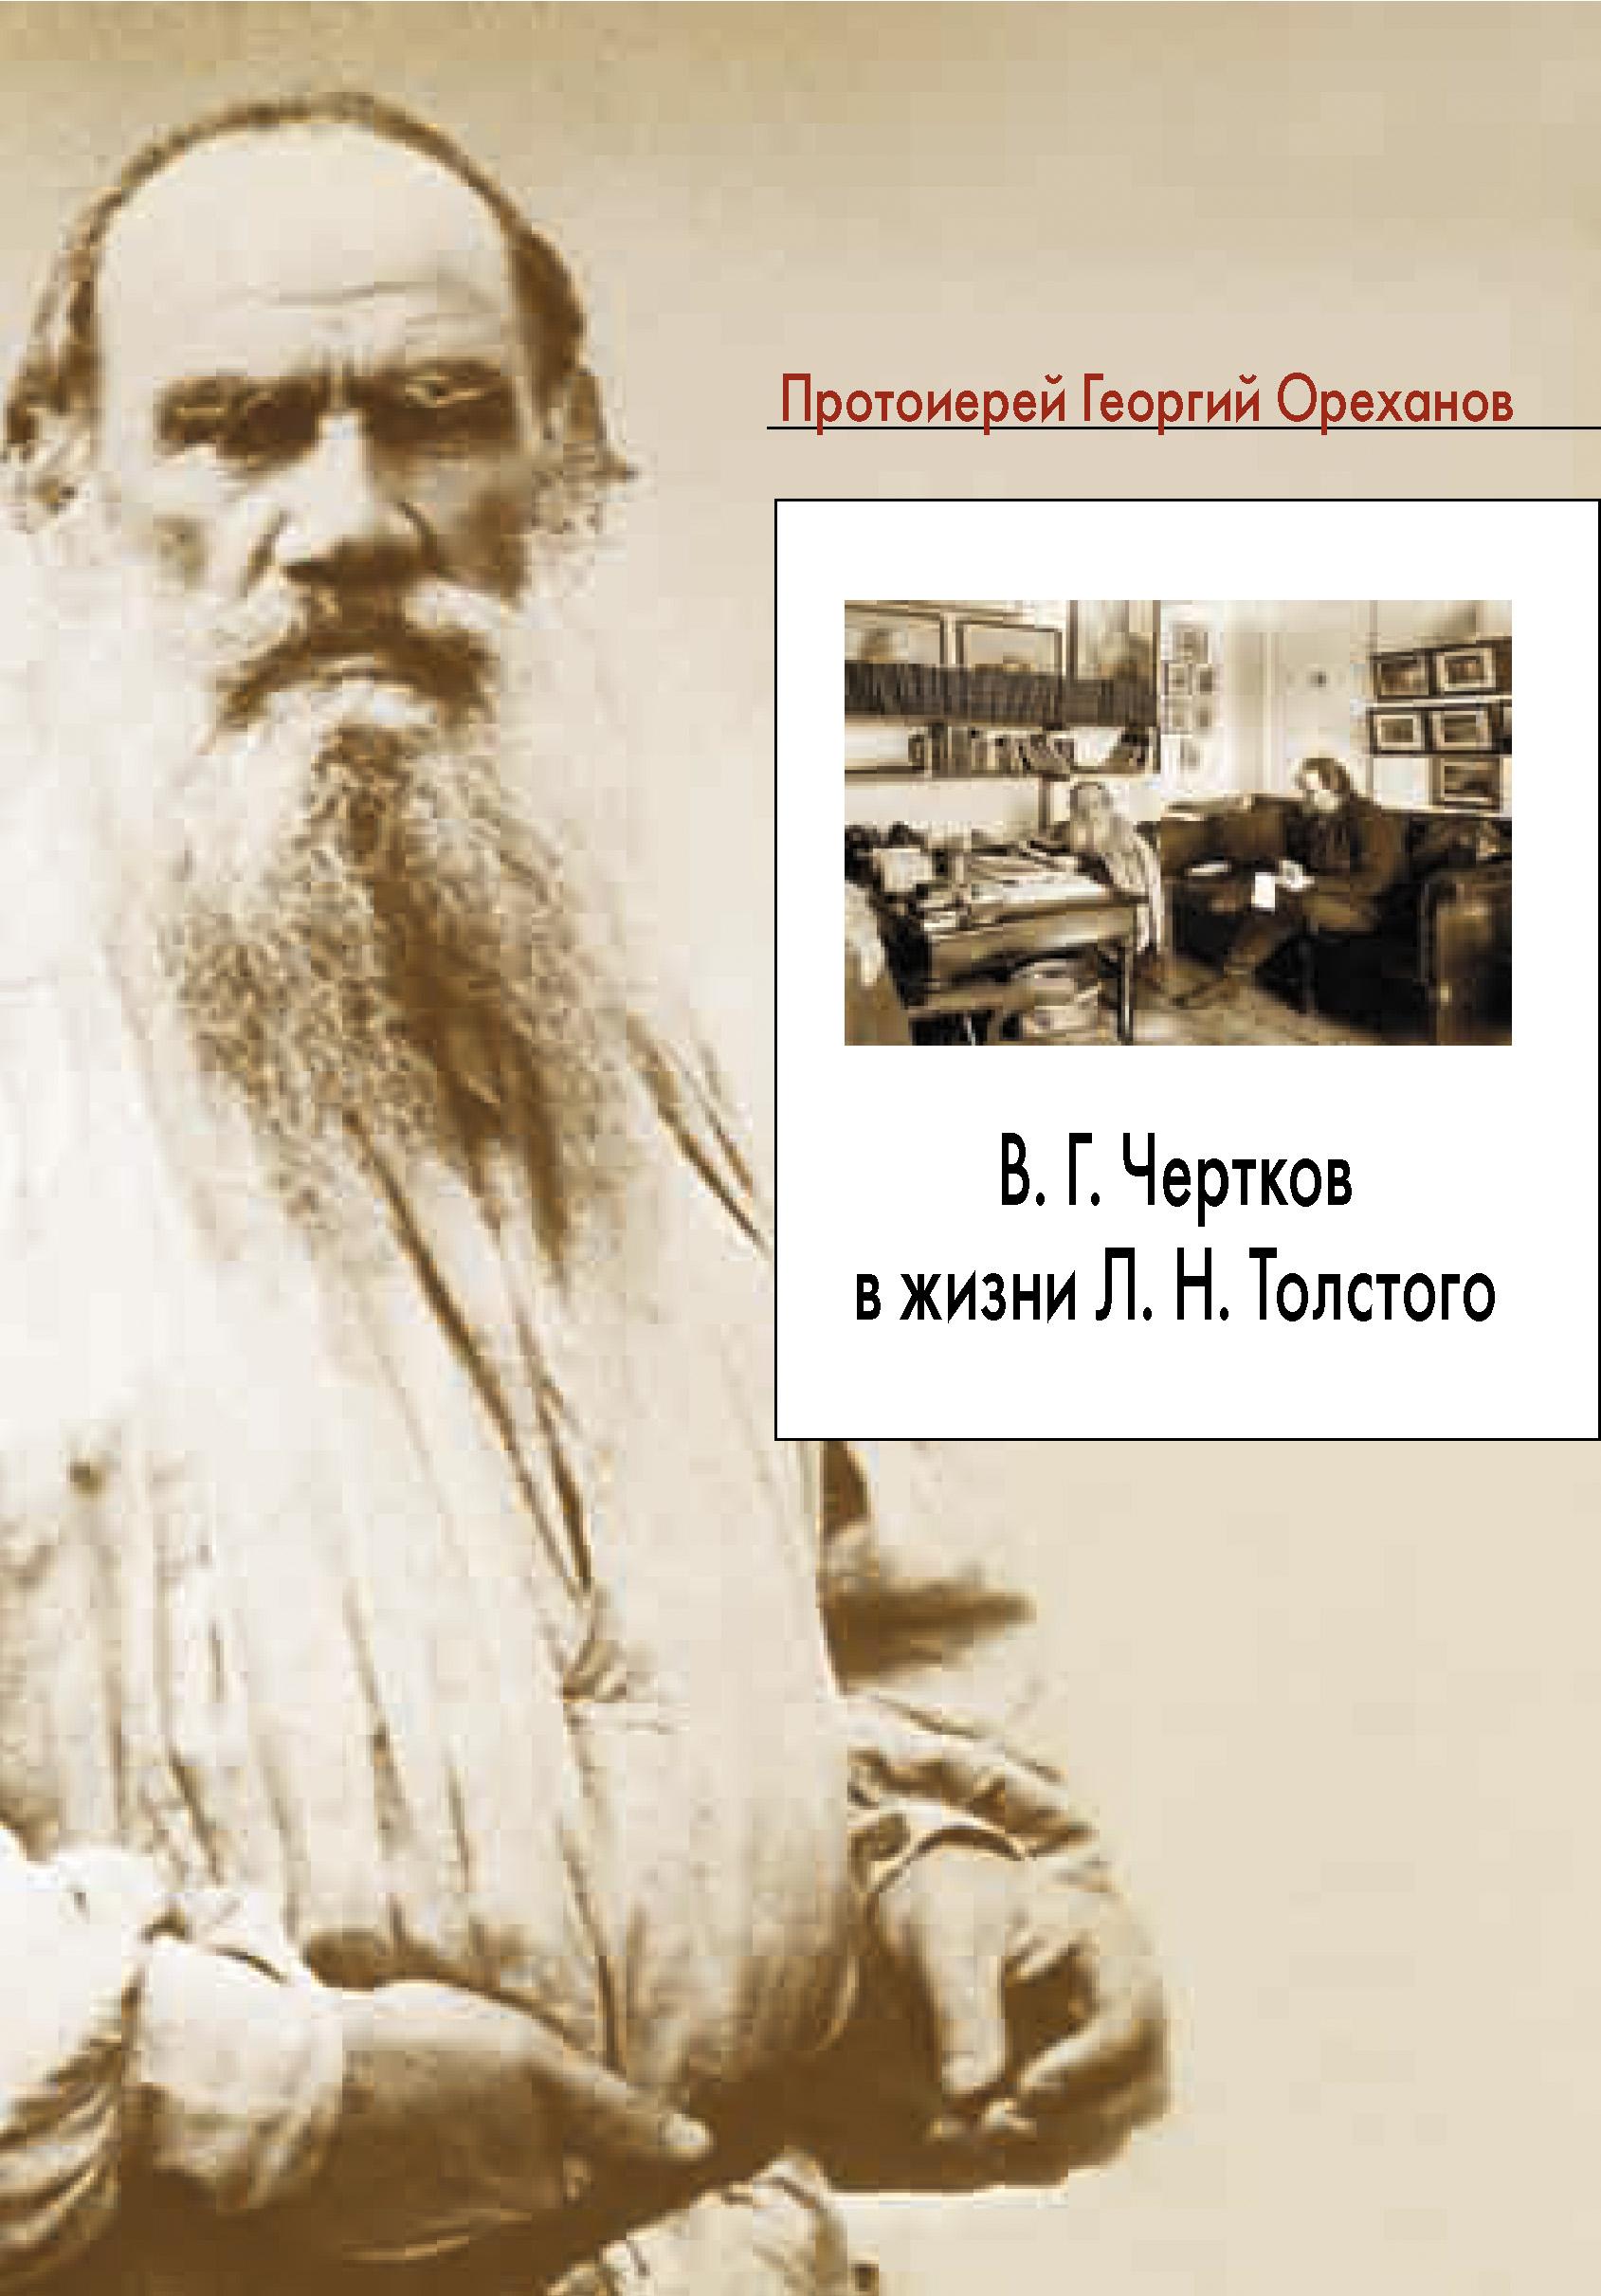 протоиерей Георгий Ореханов В. Г. Чертков в жизни Л. Н. Толстого